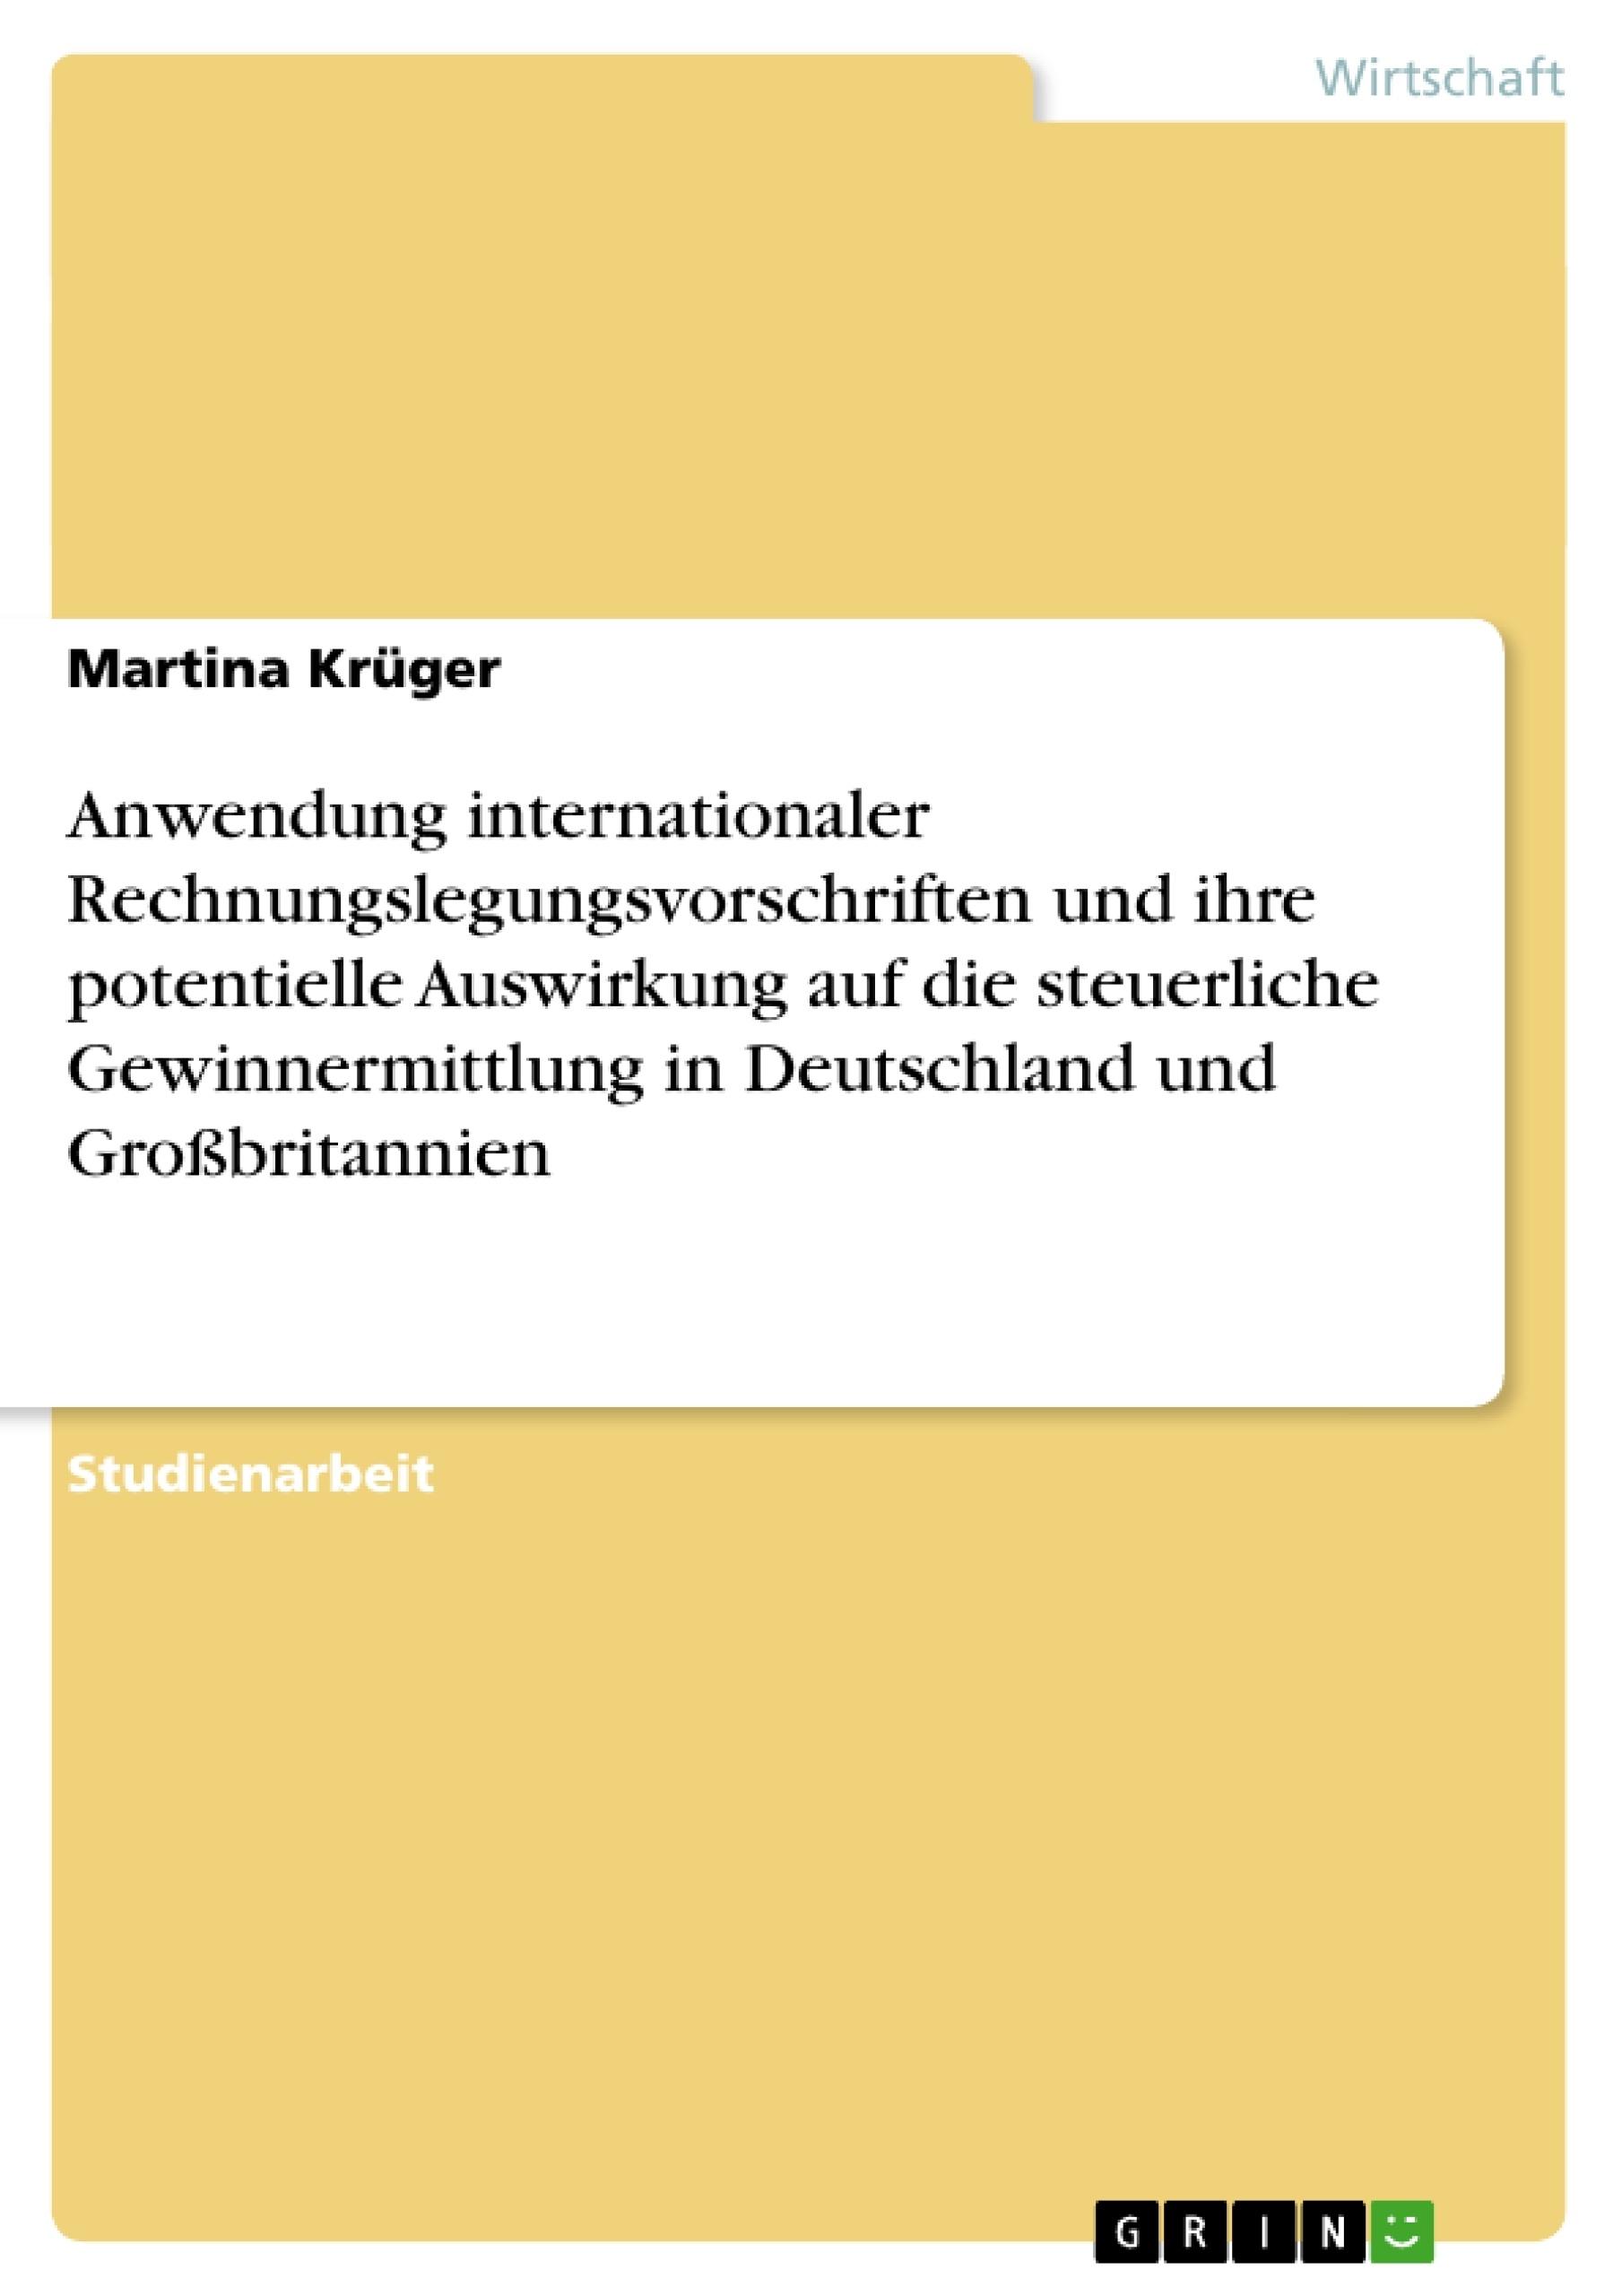 Titel: Anwendung internationaler Rechnungslegungsvorschriften und ihre potentielle Auswirkung auf die steuerliche Gewinnermittlung in Deutschland und Großbritannien